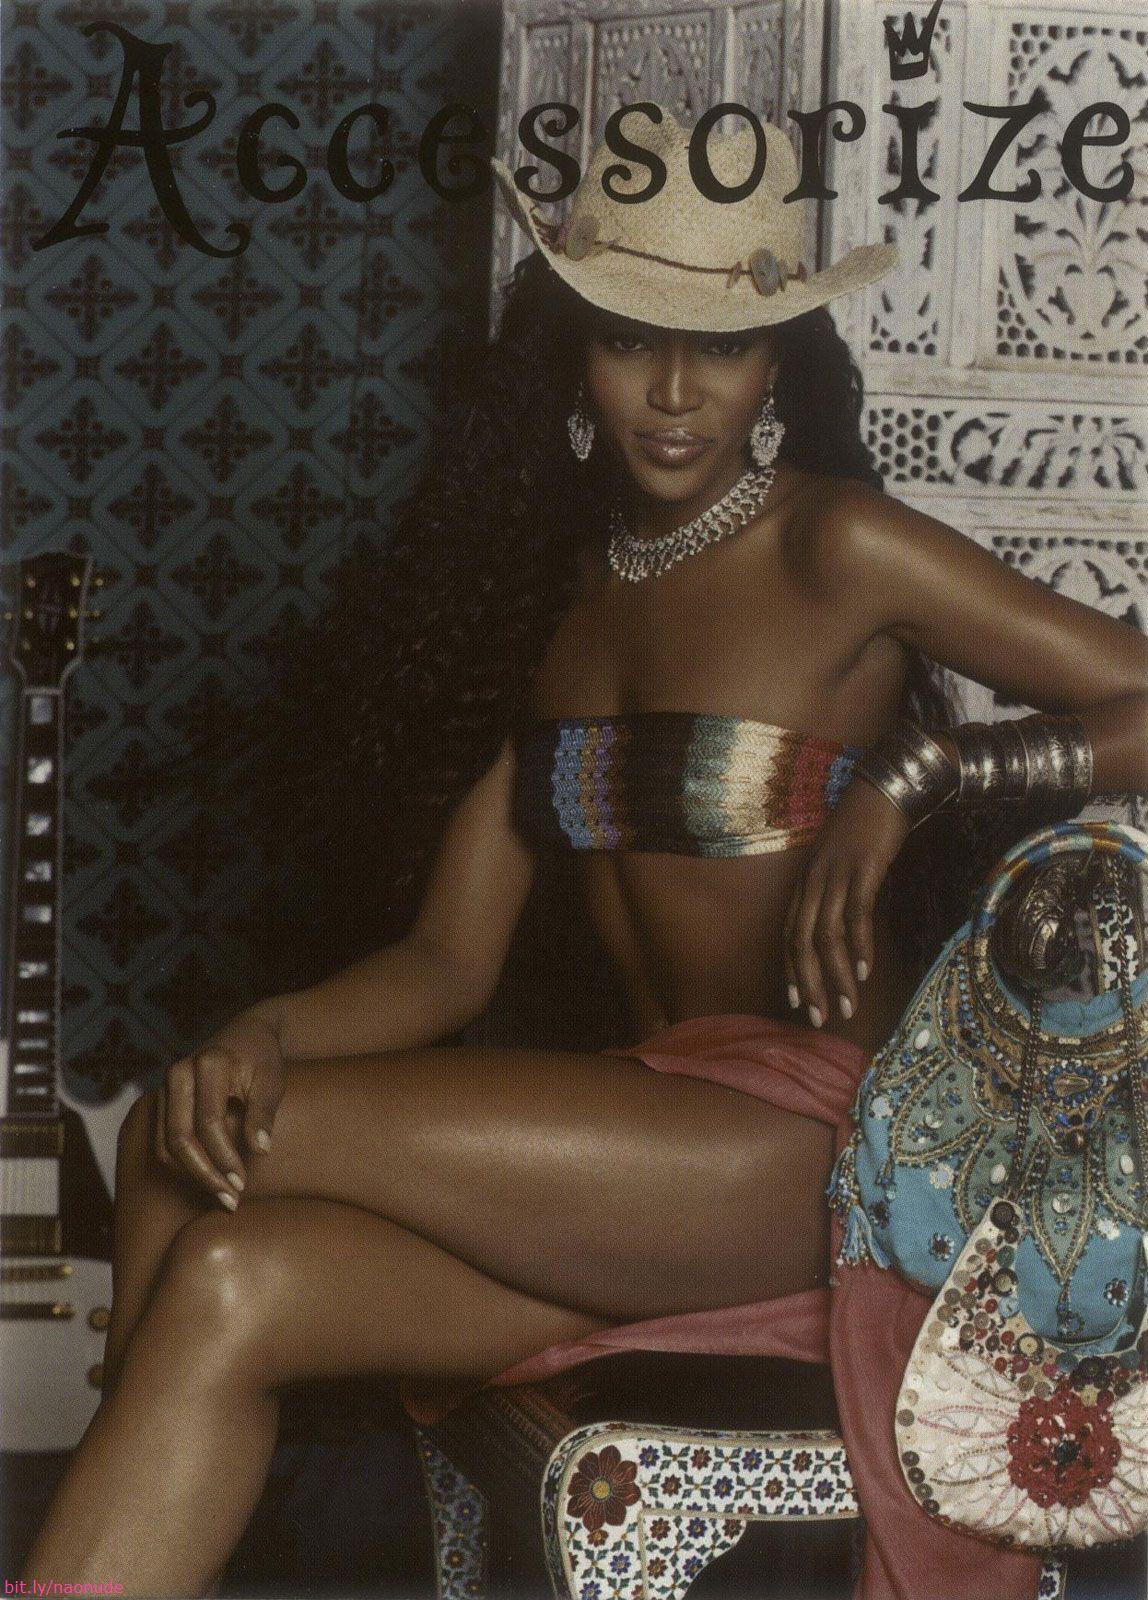 Kyra black interracial